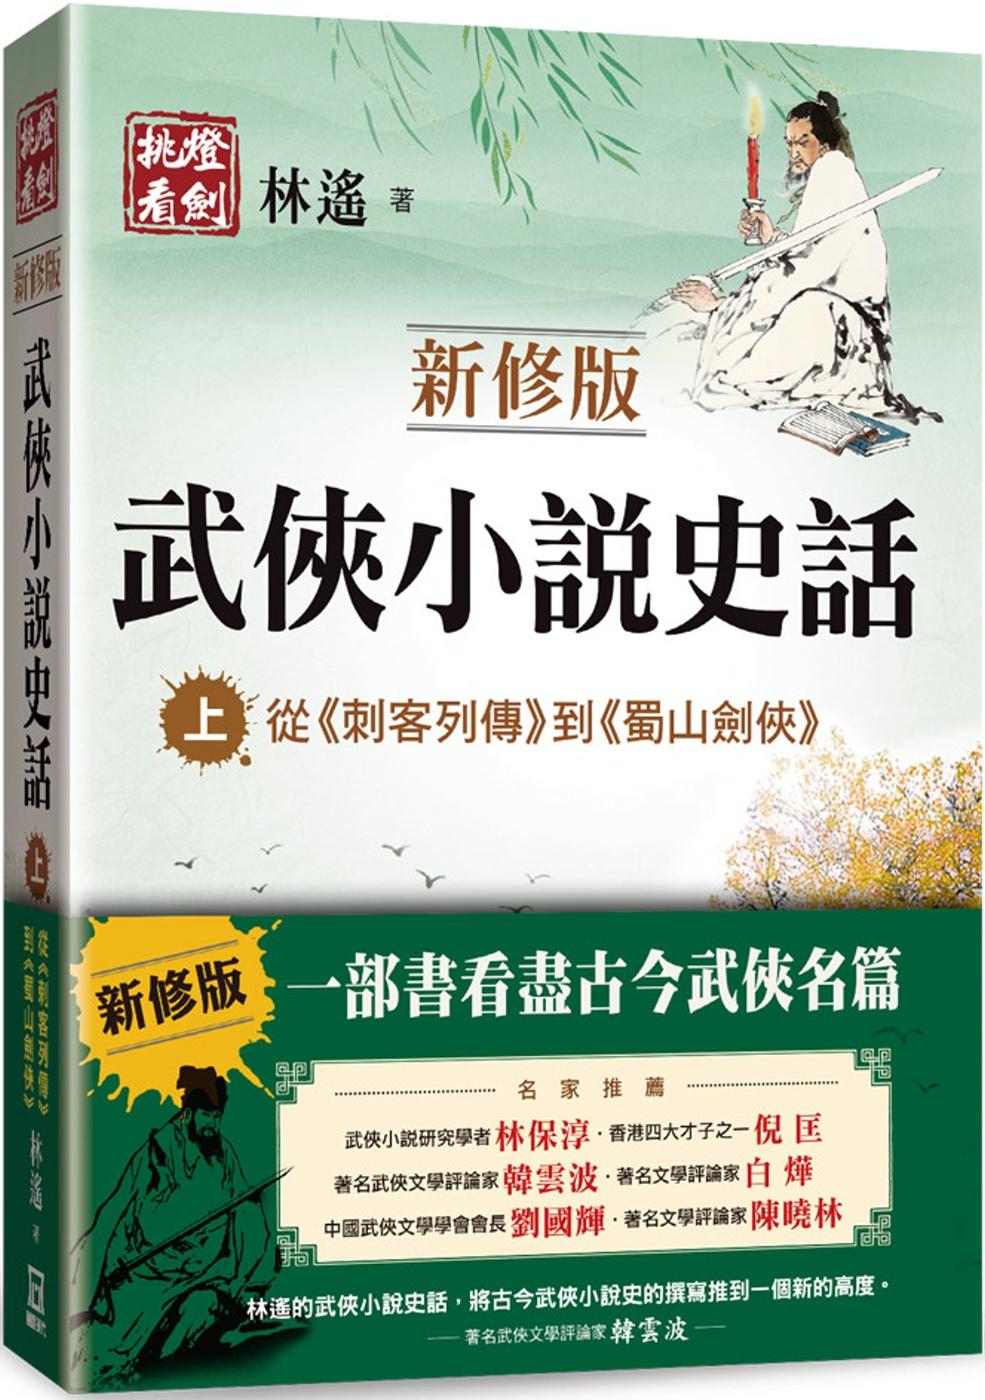 武俠小說史話(上...